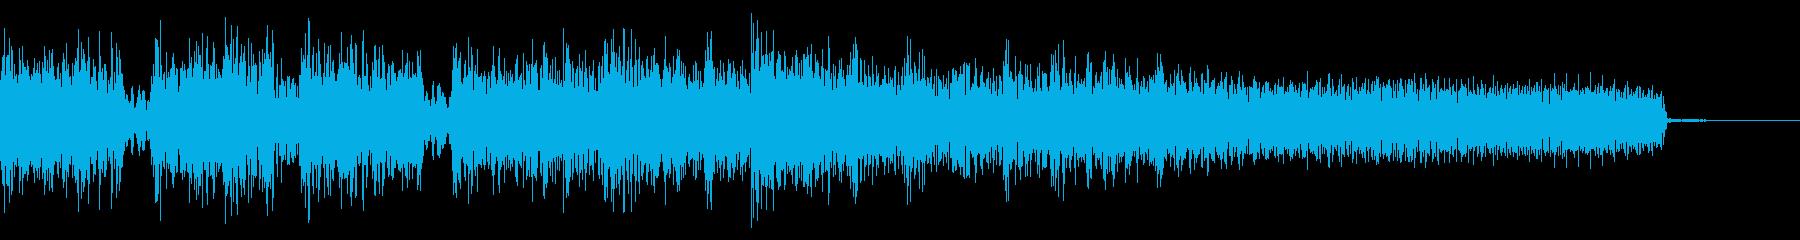 攻撃的なメタルなジングル 場面転換の再生済みの波形